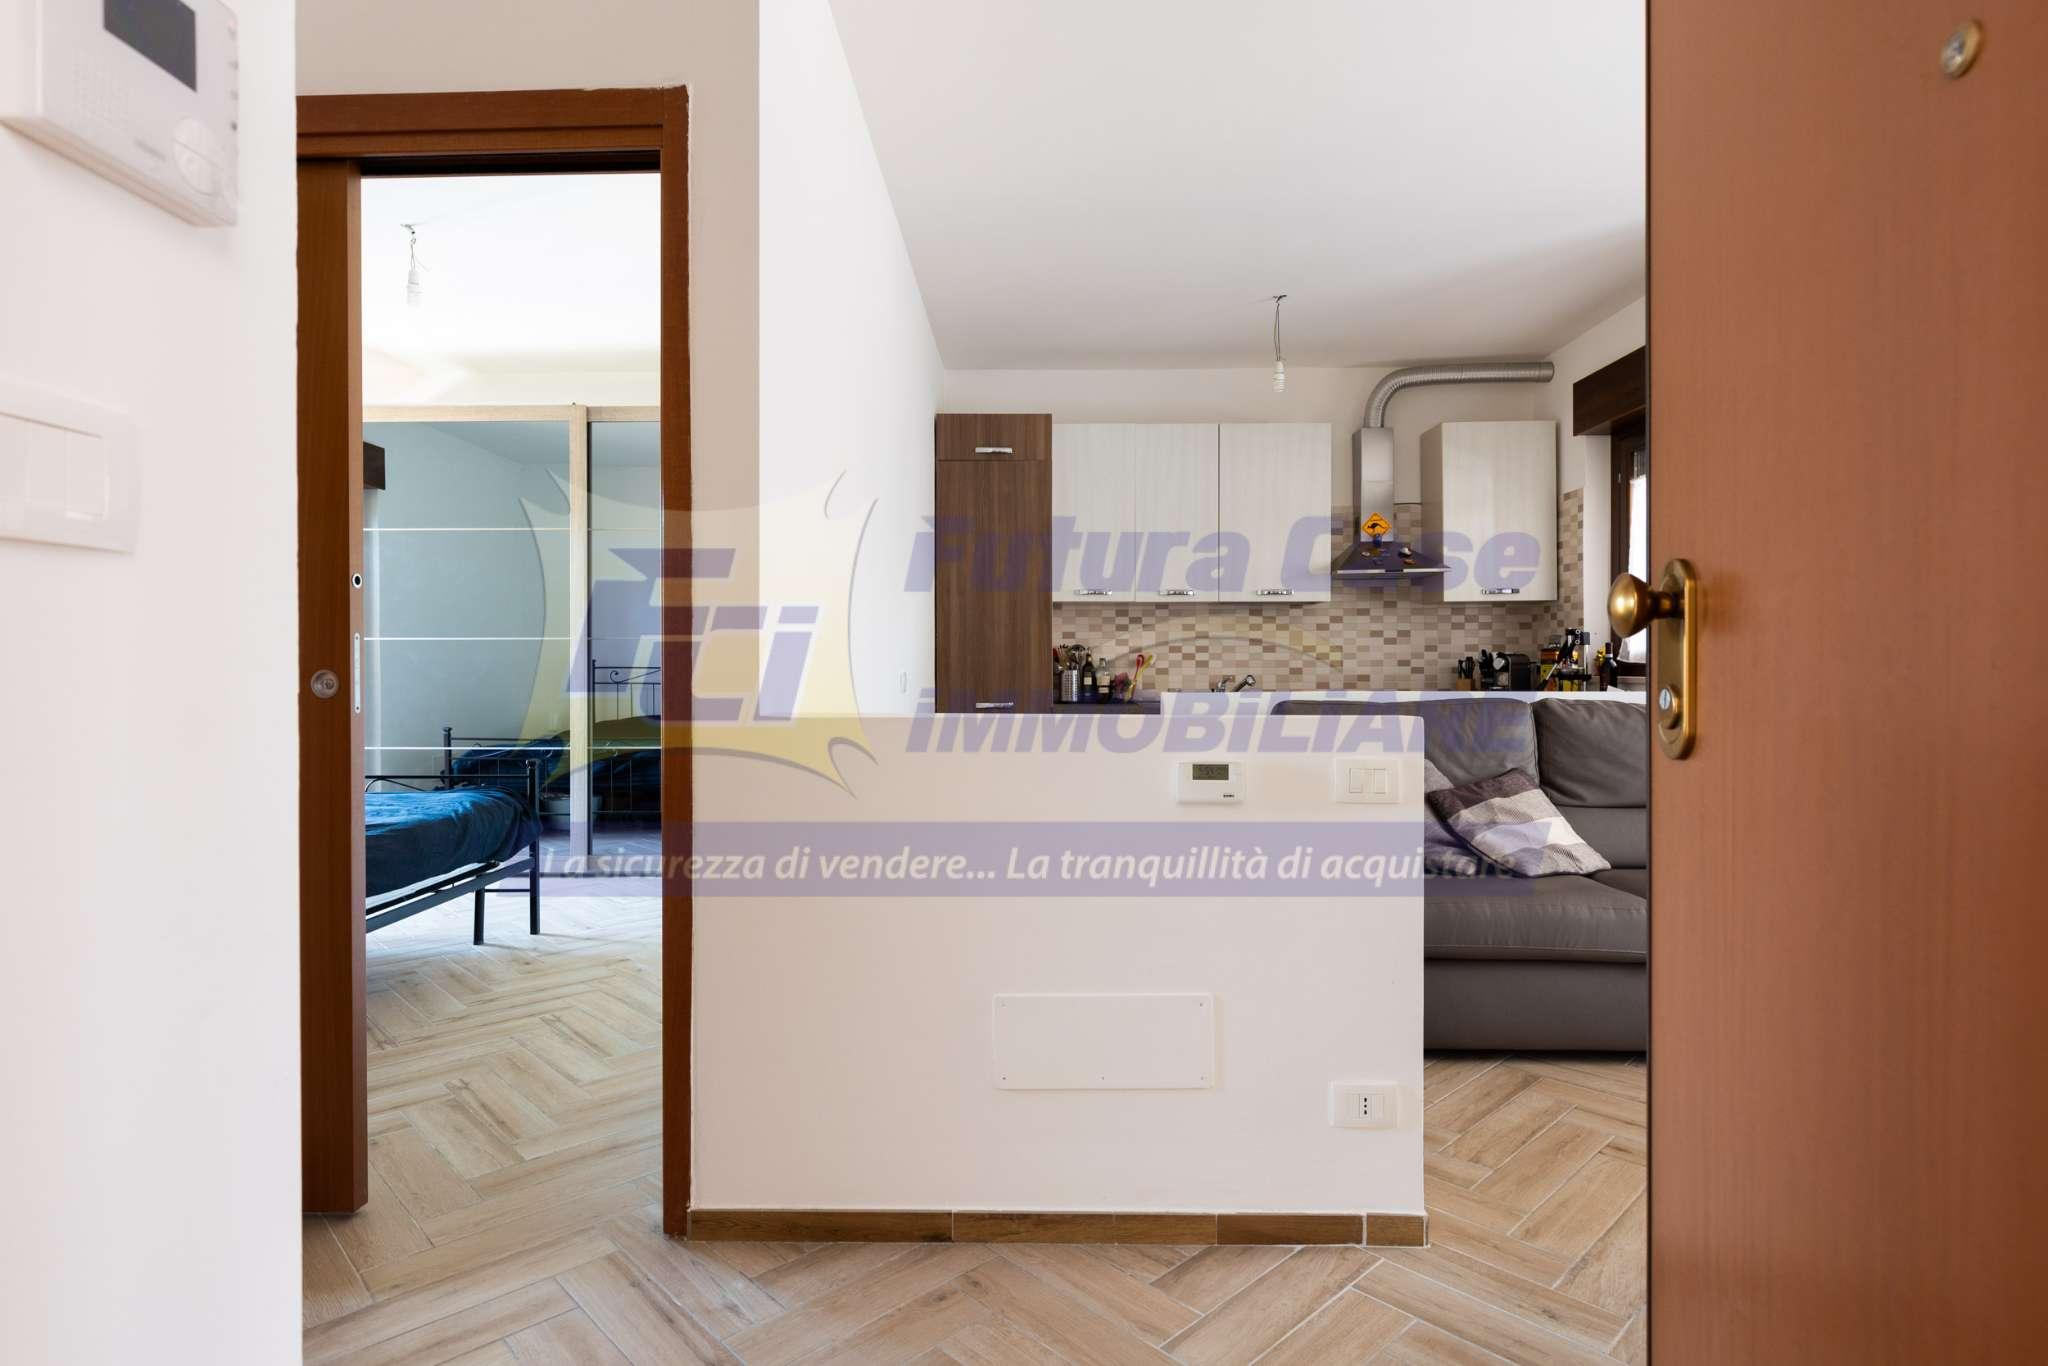 Appartamento in vendita a Fiumicino, 2 locali, prezzo € 159.000   PortaleAgenzieImmobiliari.it